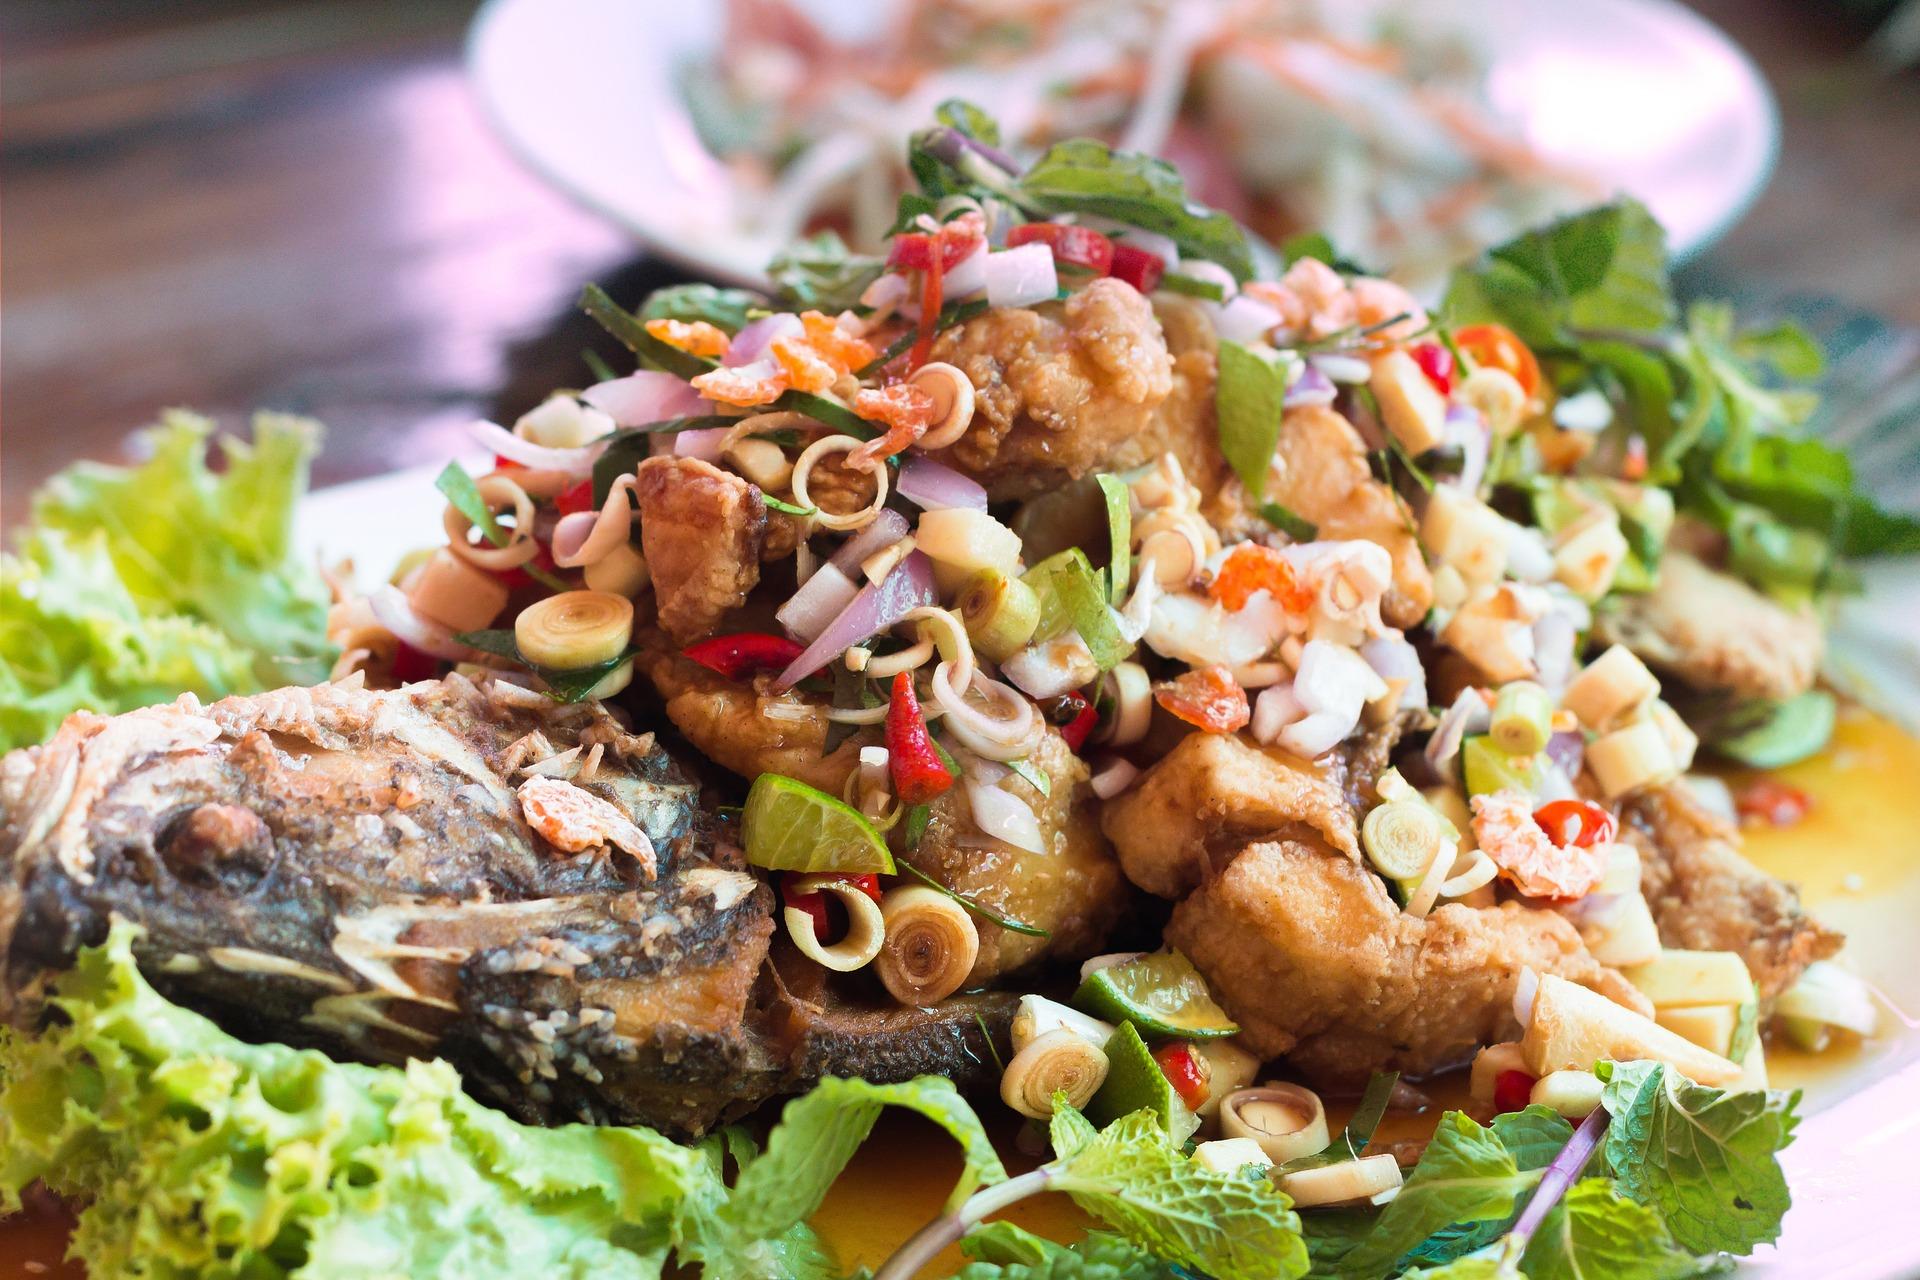 Comida a base de frutos do mar